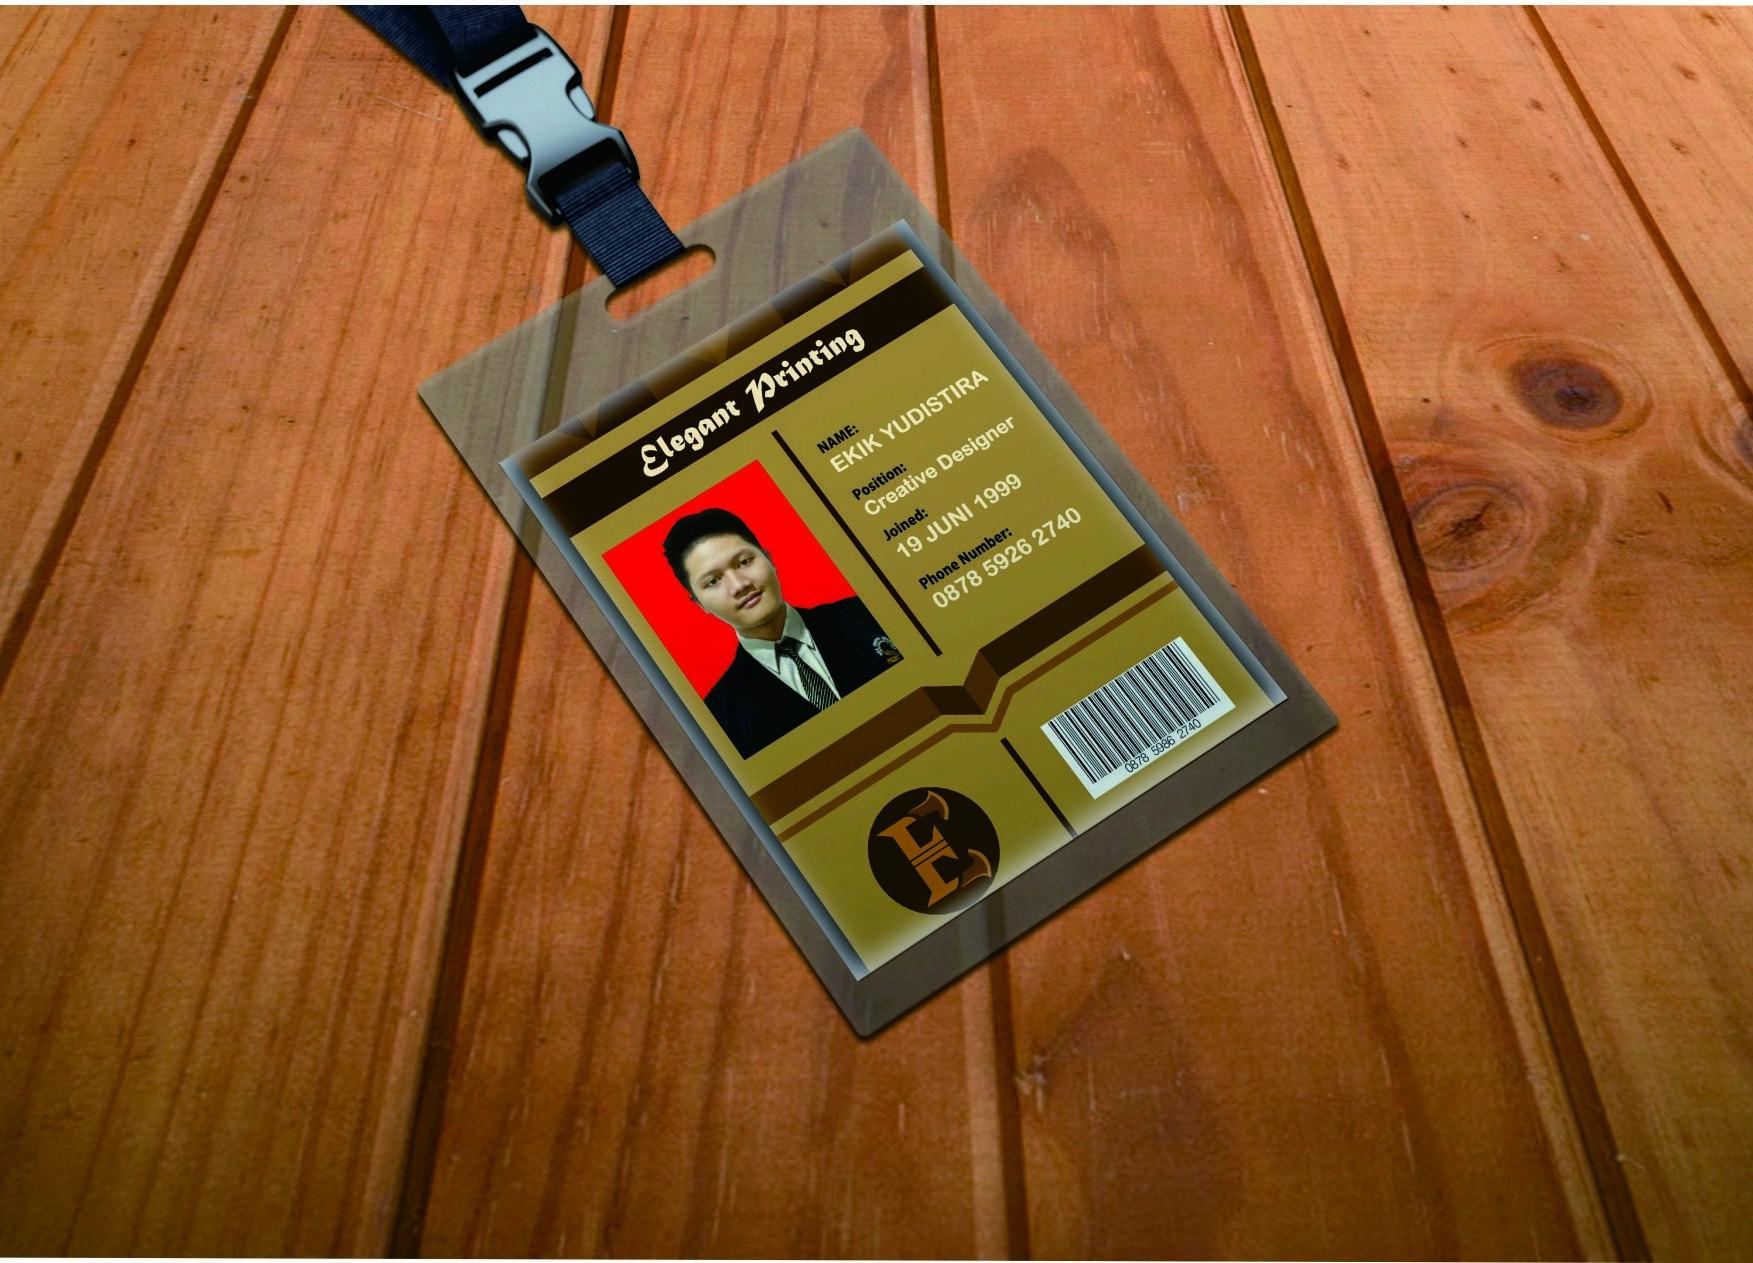 Kursus Online Komputer Surabaya - Program Siap Kerja - Hasil Karya ID CARD